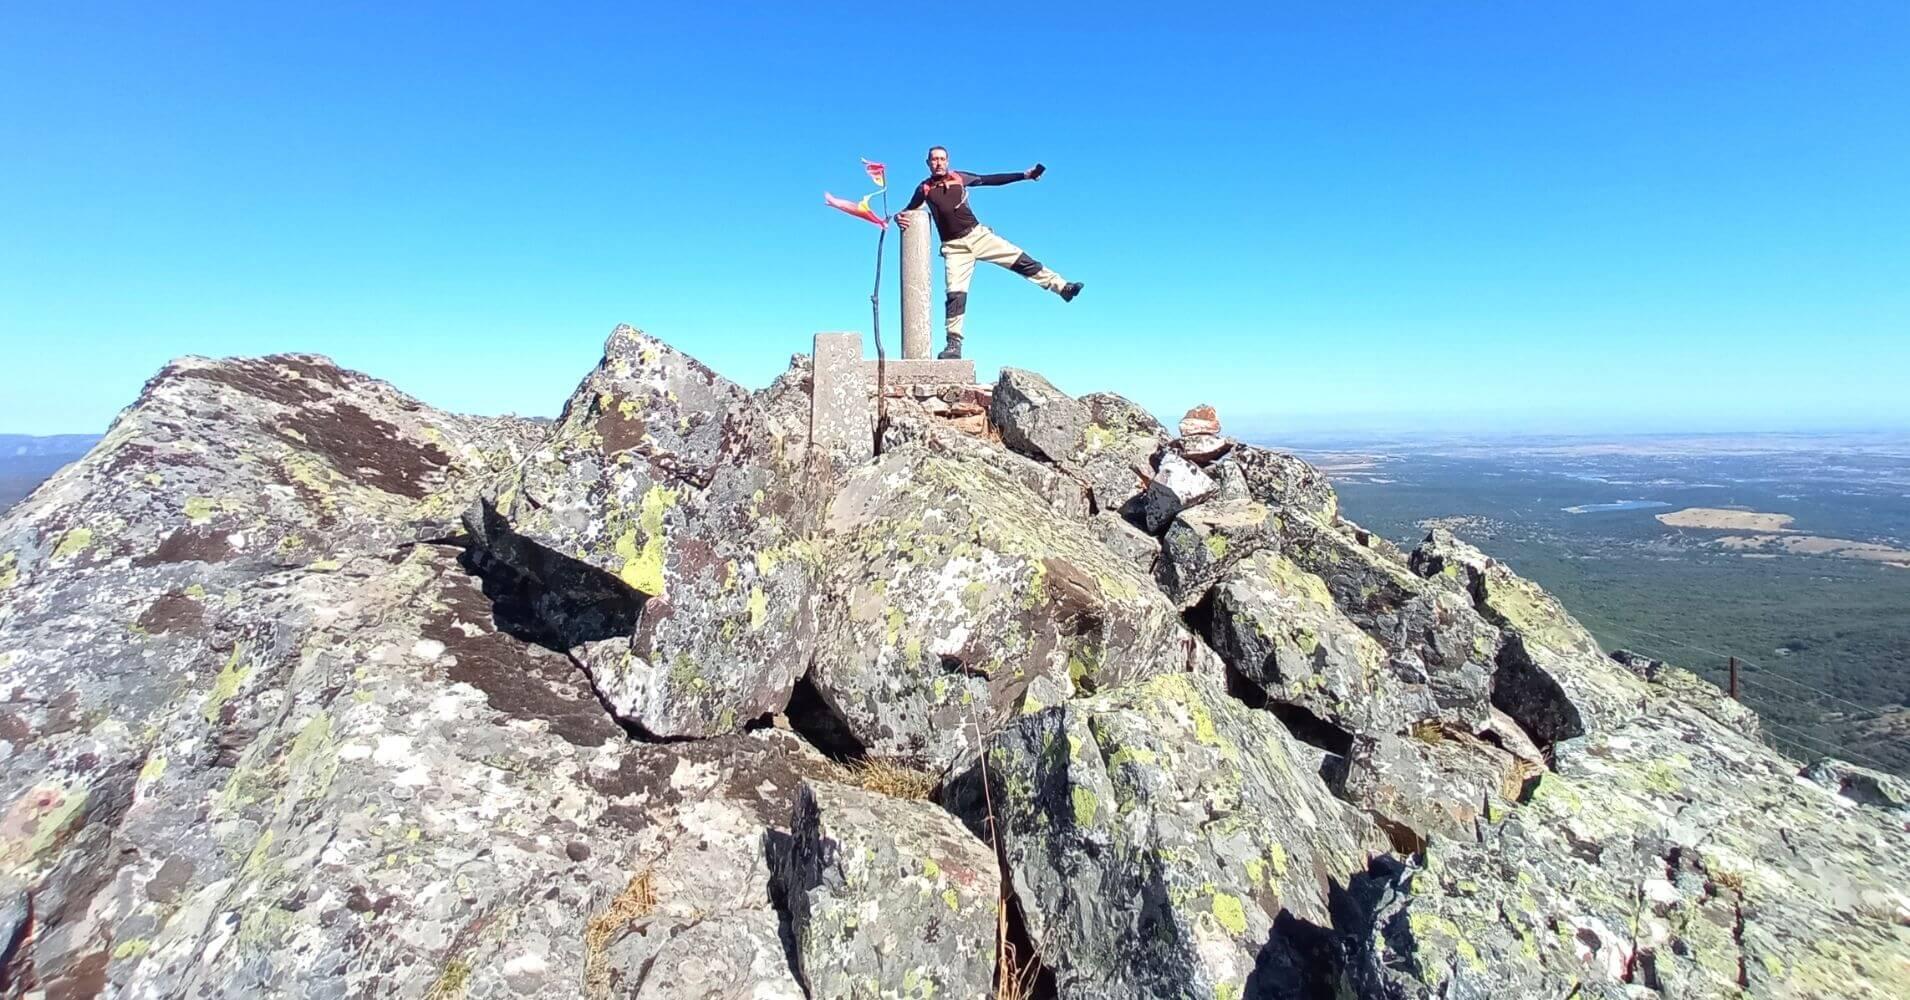 Cumbre del Cerro Vicente 1430m. Montes de Toledo. Las Navillas, Menasalbas. Castilla la Mancha.